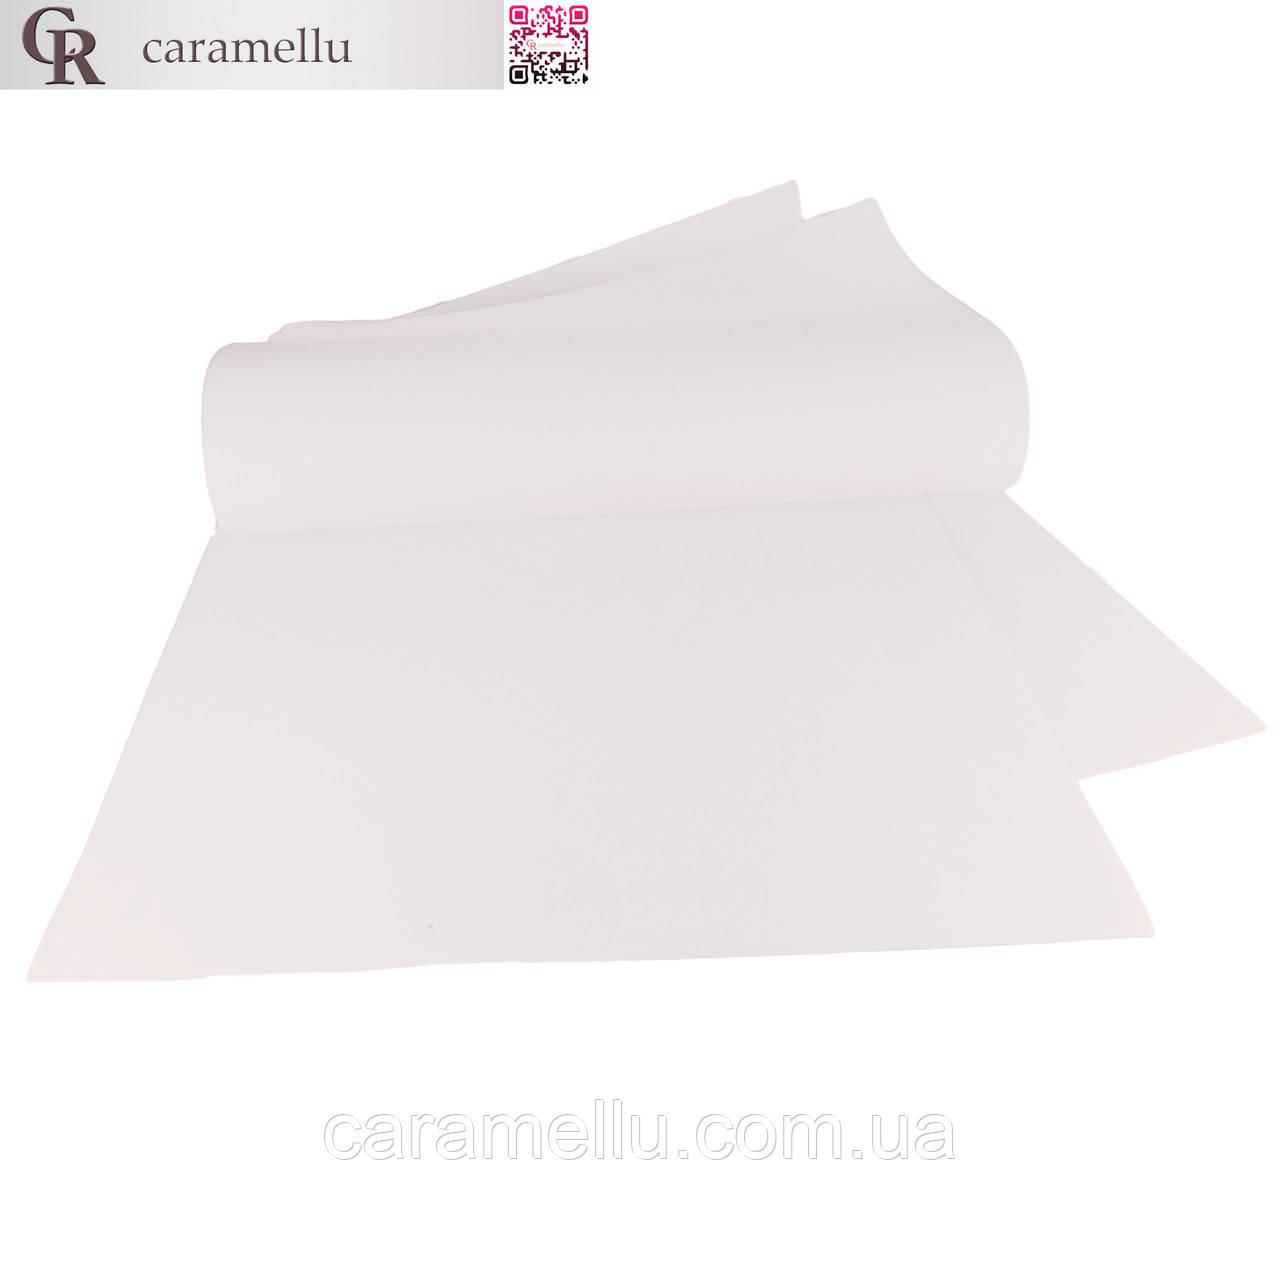 Фоамиран иранский 101 Белый, 1мм, 70х60см.